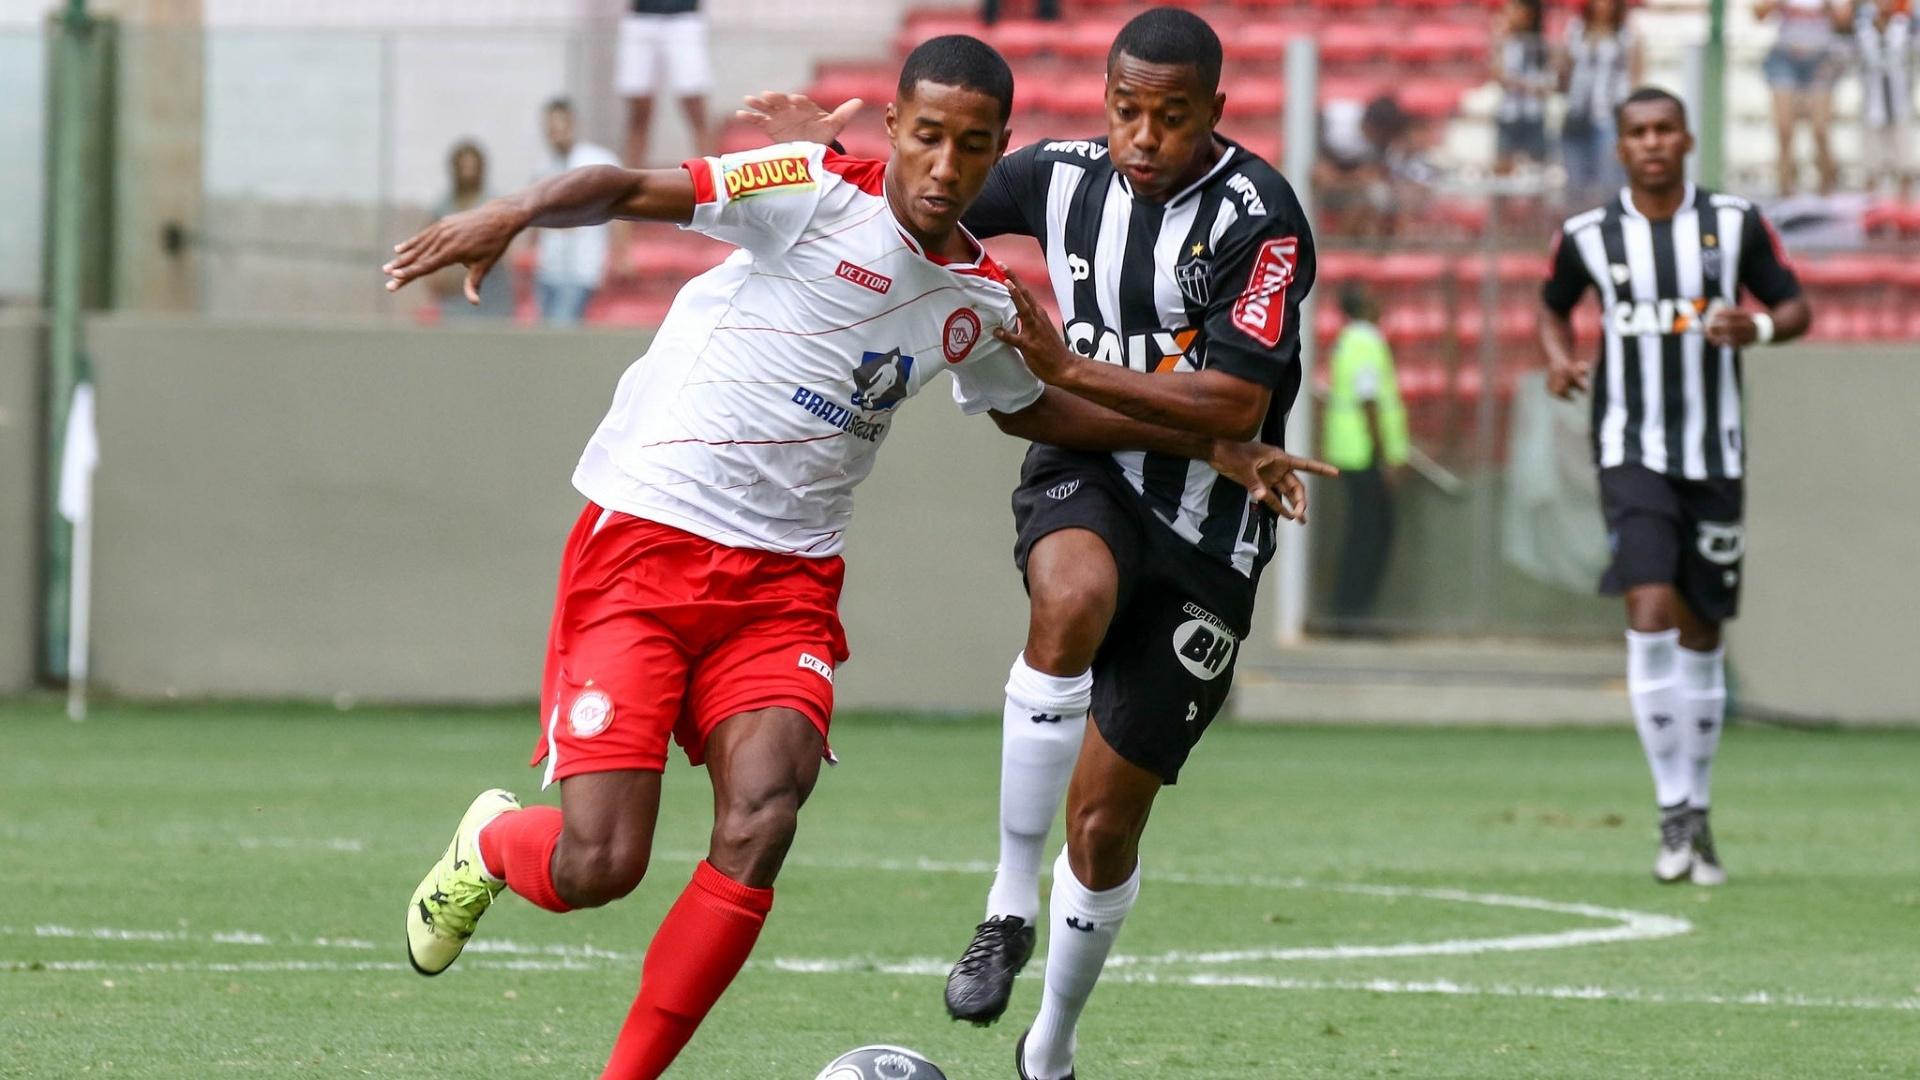 Robinho tenta fugir da marcação no duelo entre Atlético-MG e Tombense pelo Campeonato Mineiro